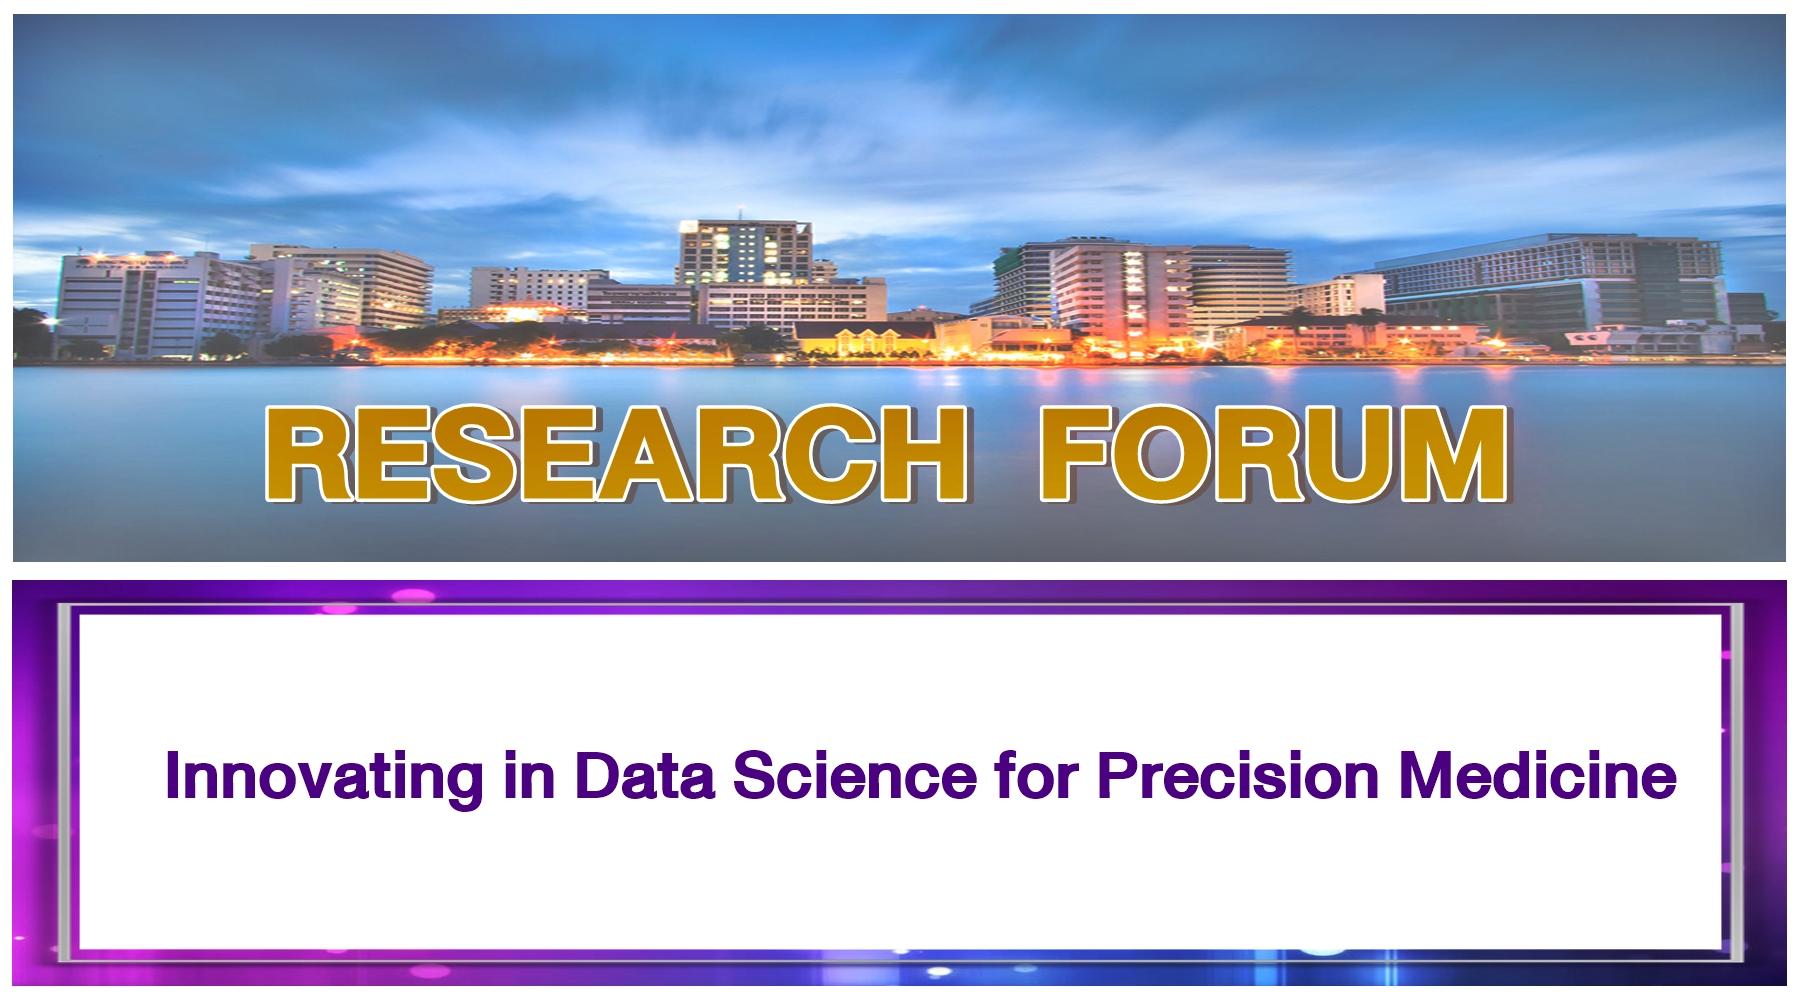 Innovating in Data Science for Precision Medicine